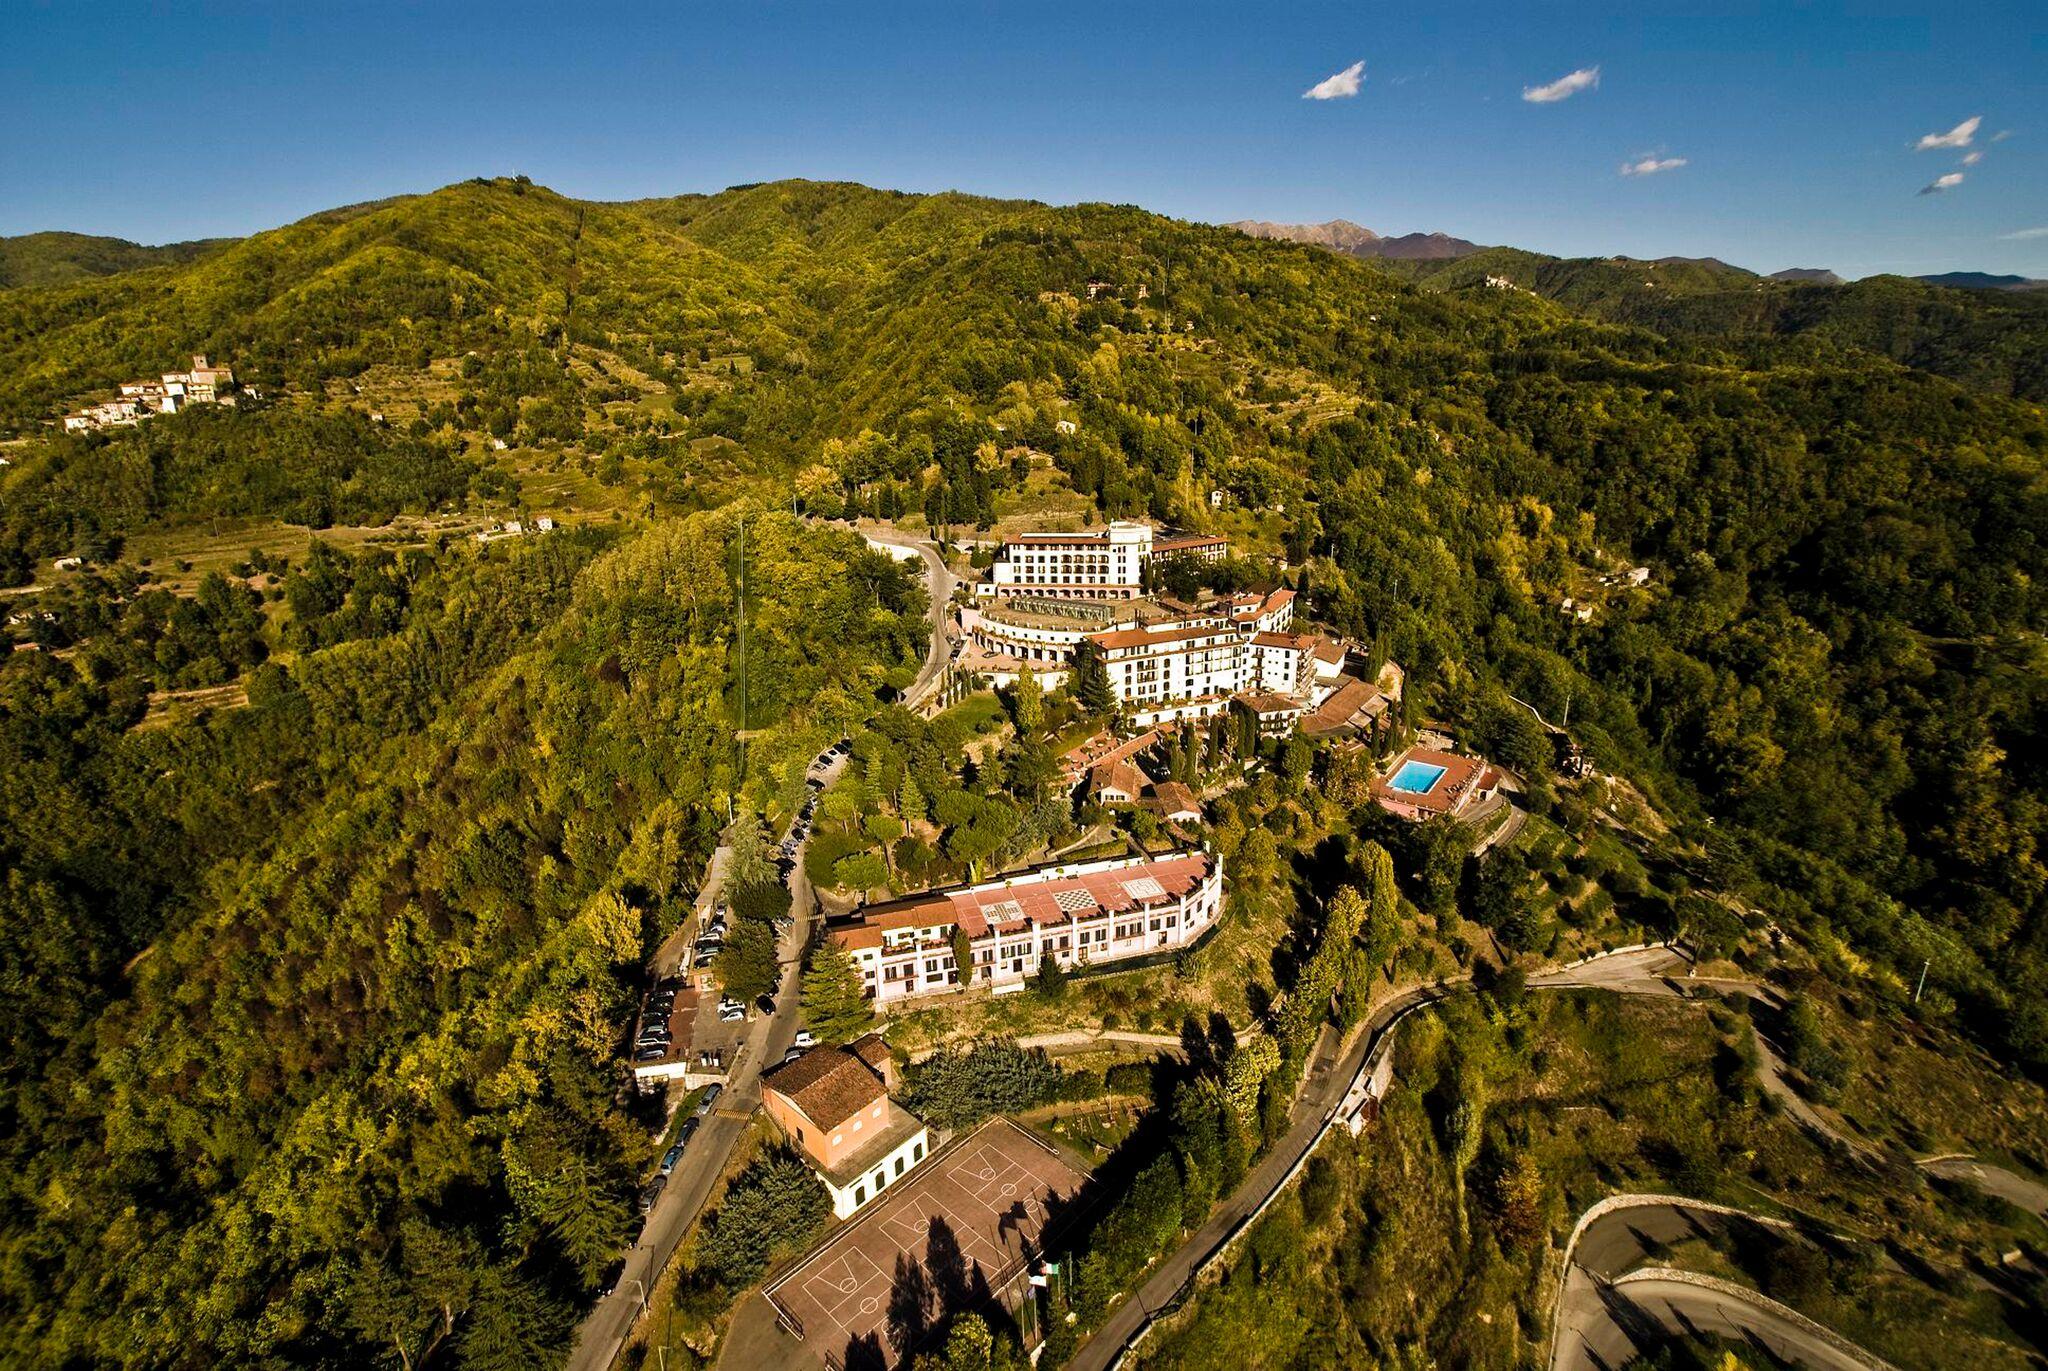 RenaissanceTuscanyIlCioccoResortSpa .Los 5 mejores restaurantes de la Toscana, Italia 2021